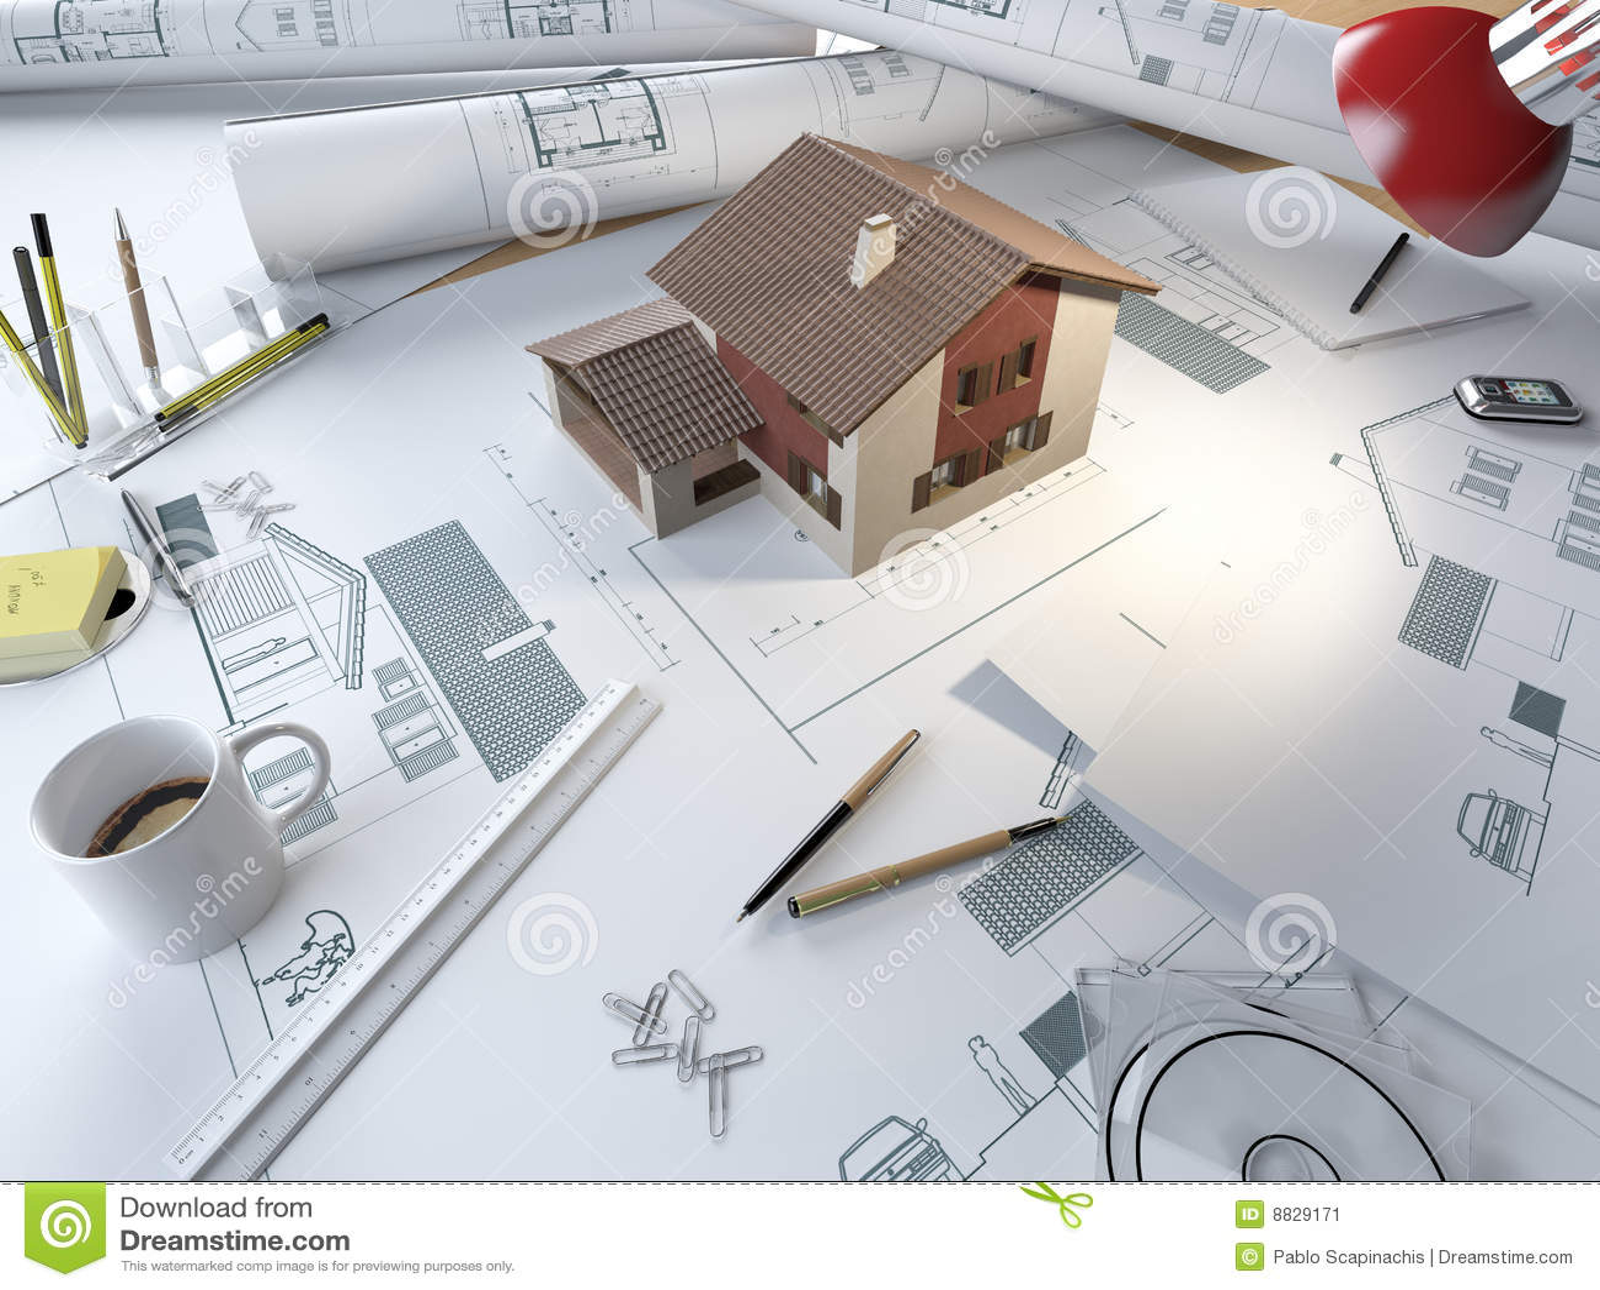 tabella di illustrazione dell 39 architetto con il modello 3d